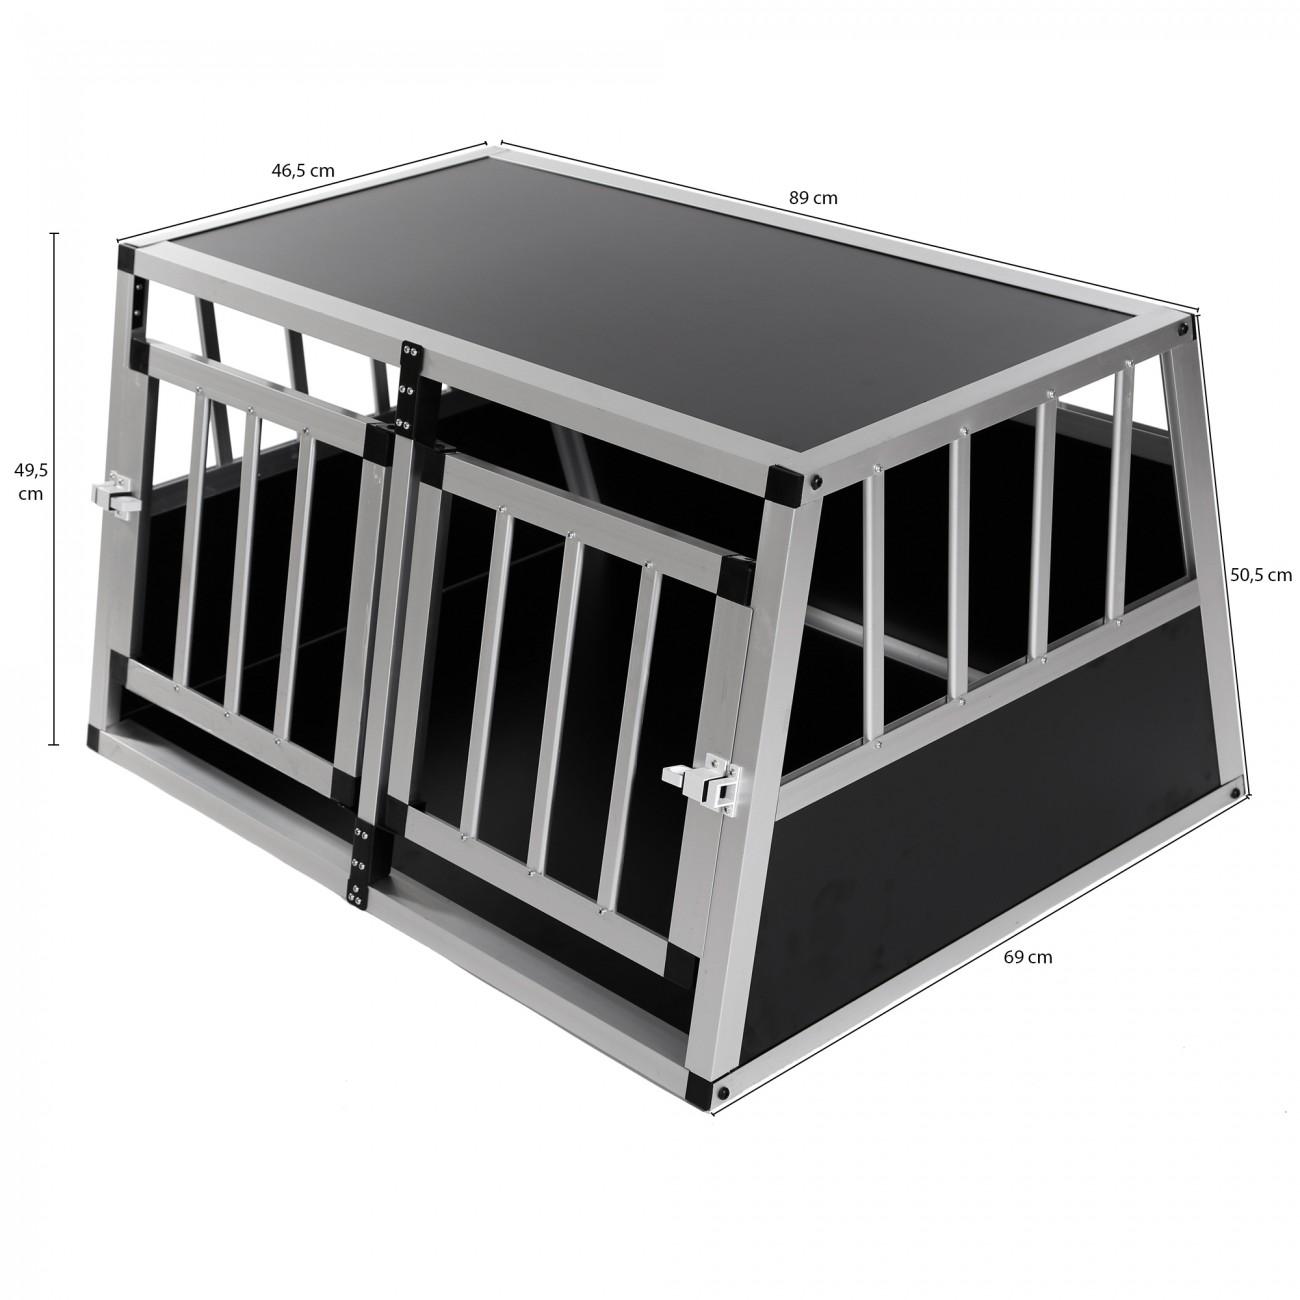 zoomundo cage de transport pour chien 2 portes premium animalerie cage de transport pour chien. Black Bedroom Furniture Sets. Home Design Ideas